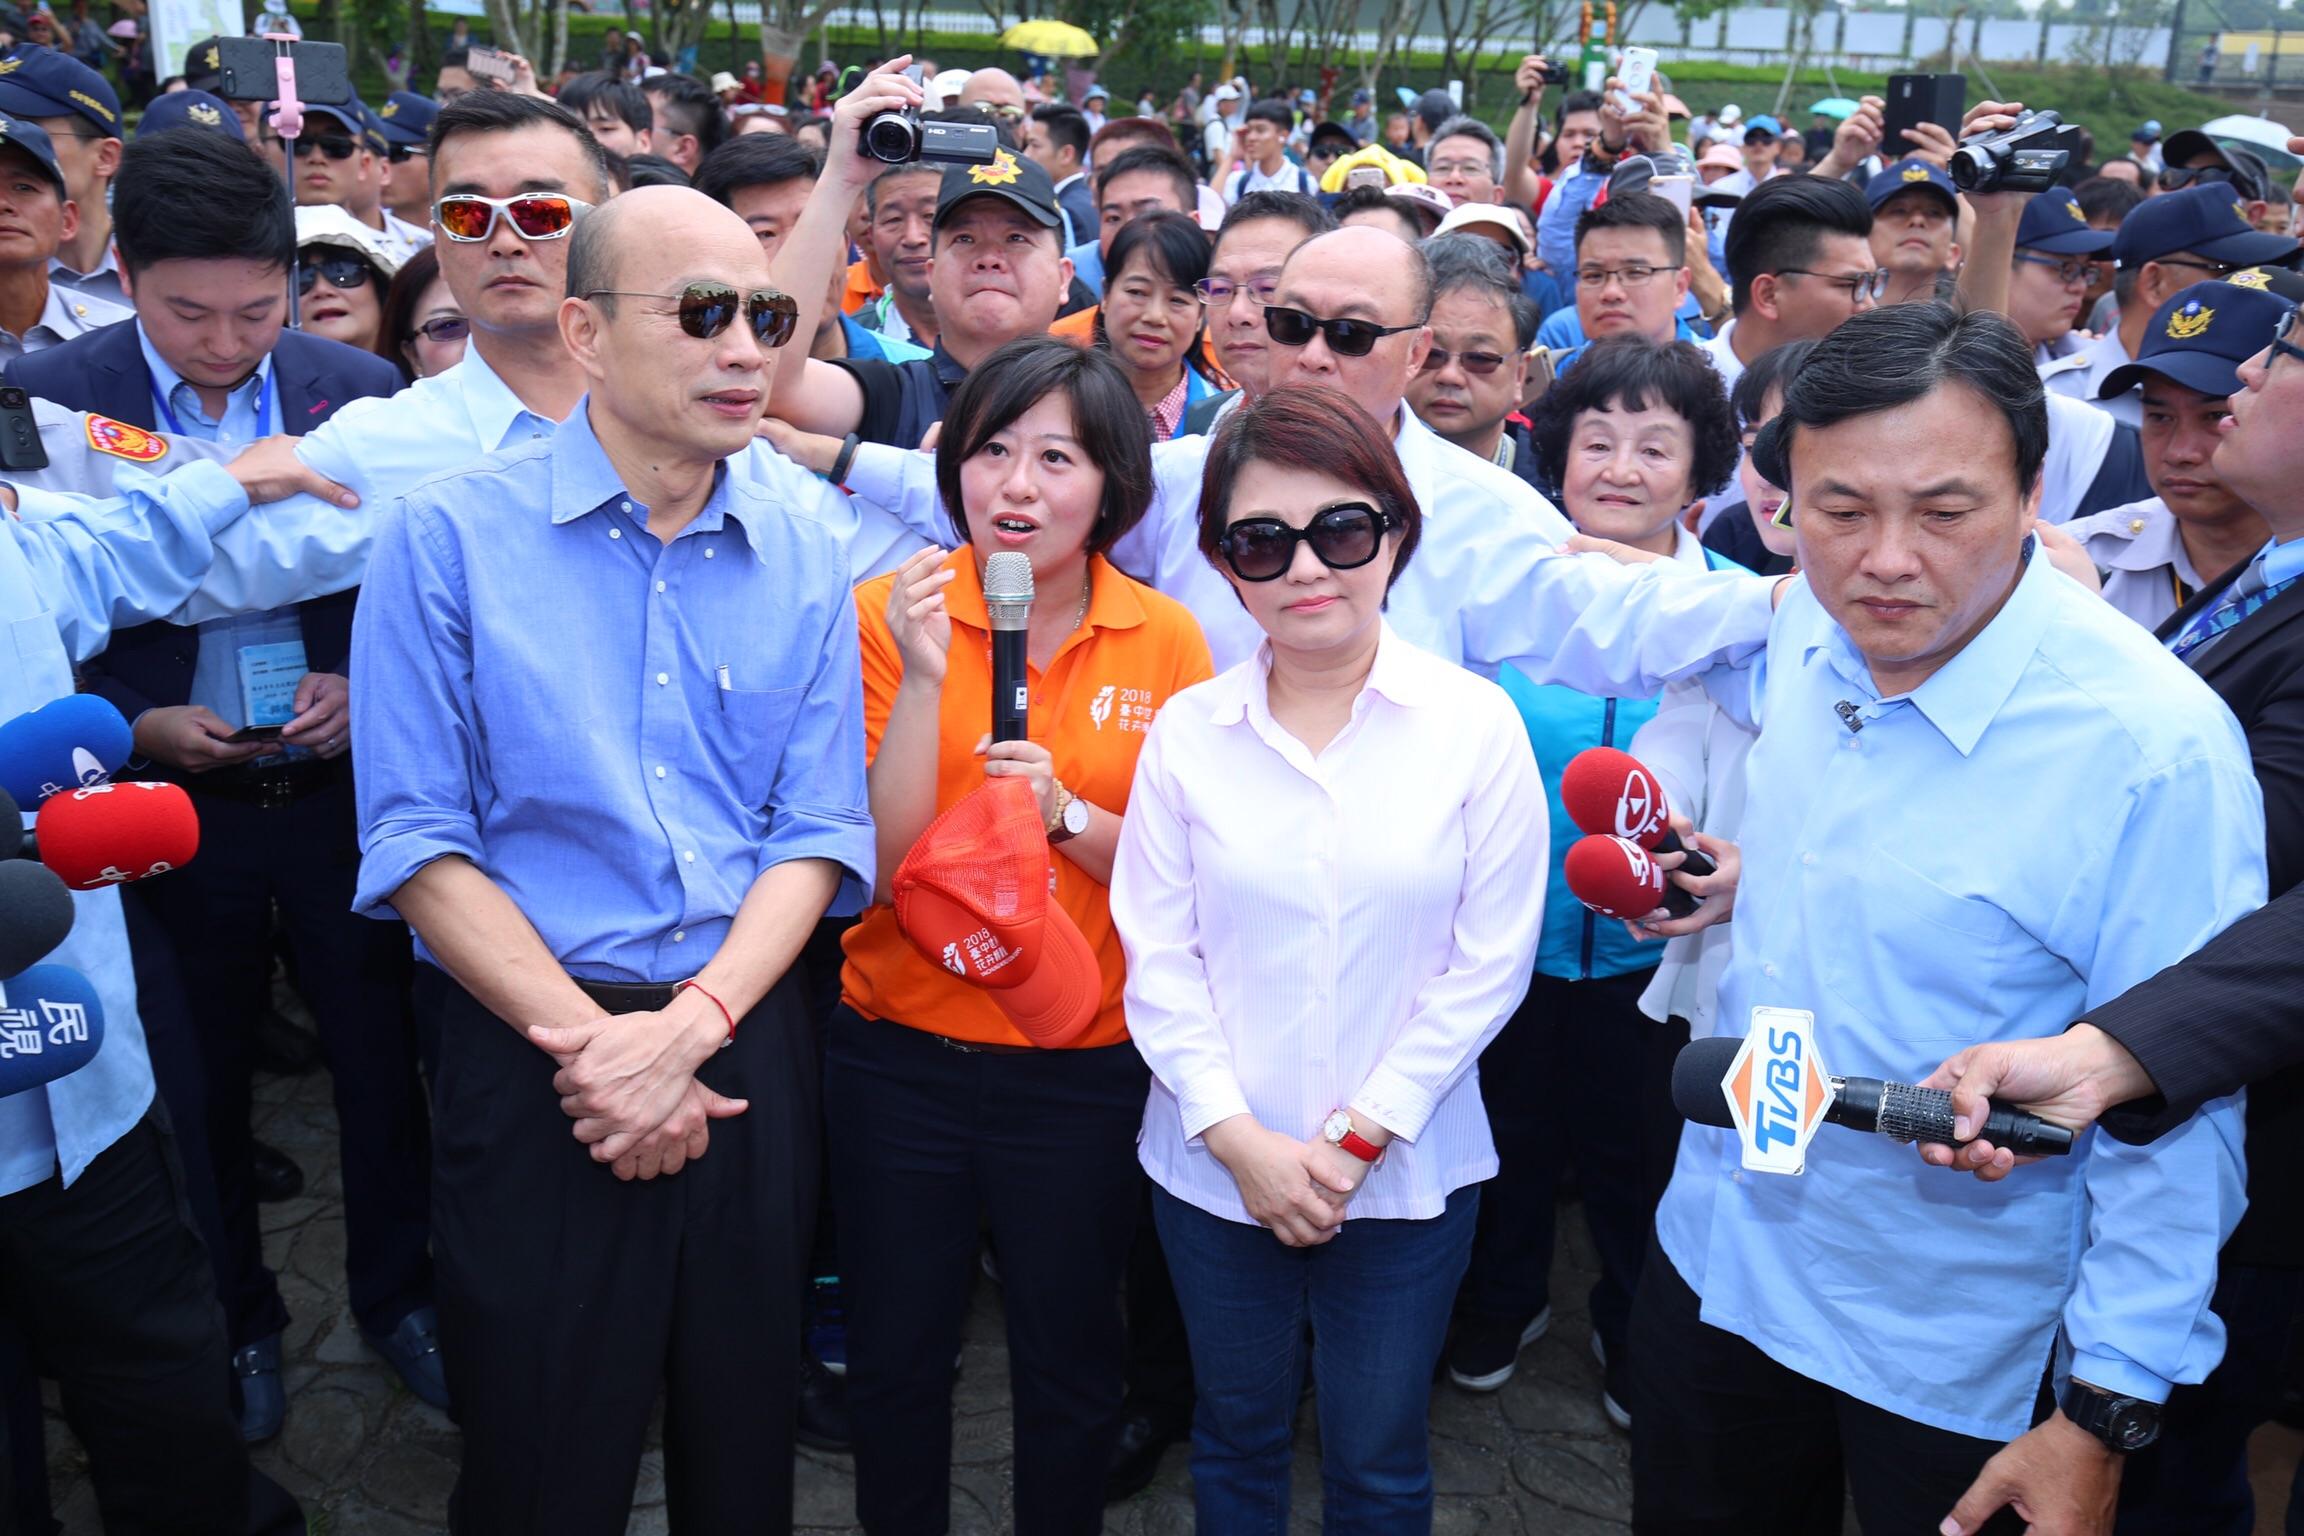 台中市長、高雄市長逛花博人氣強強滾 盧市長:兩市攜手拼經濟 讓市民生活更美好